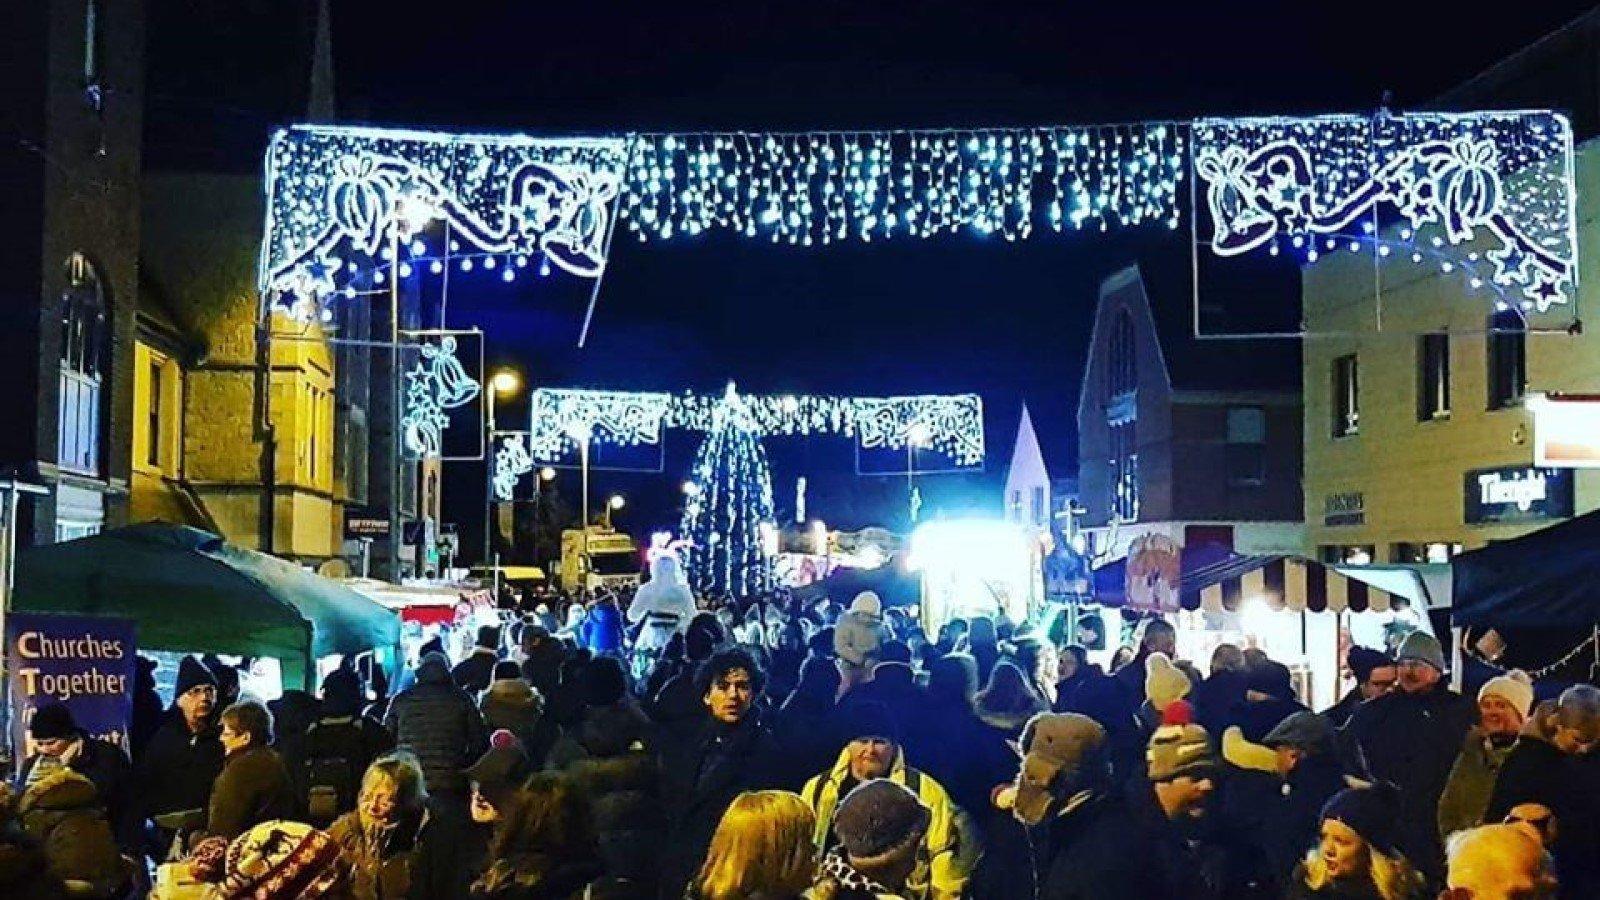 Kidlington Christmas Lights Switch-on Event